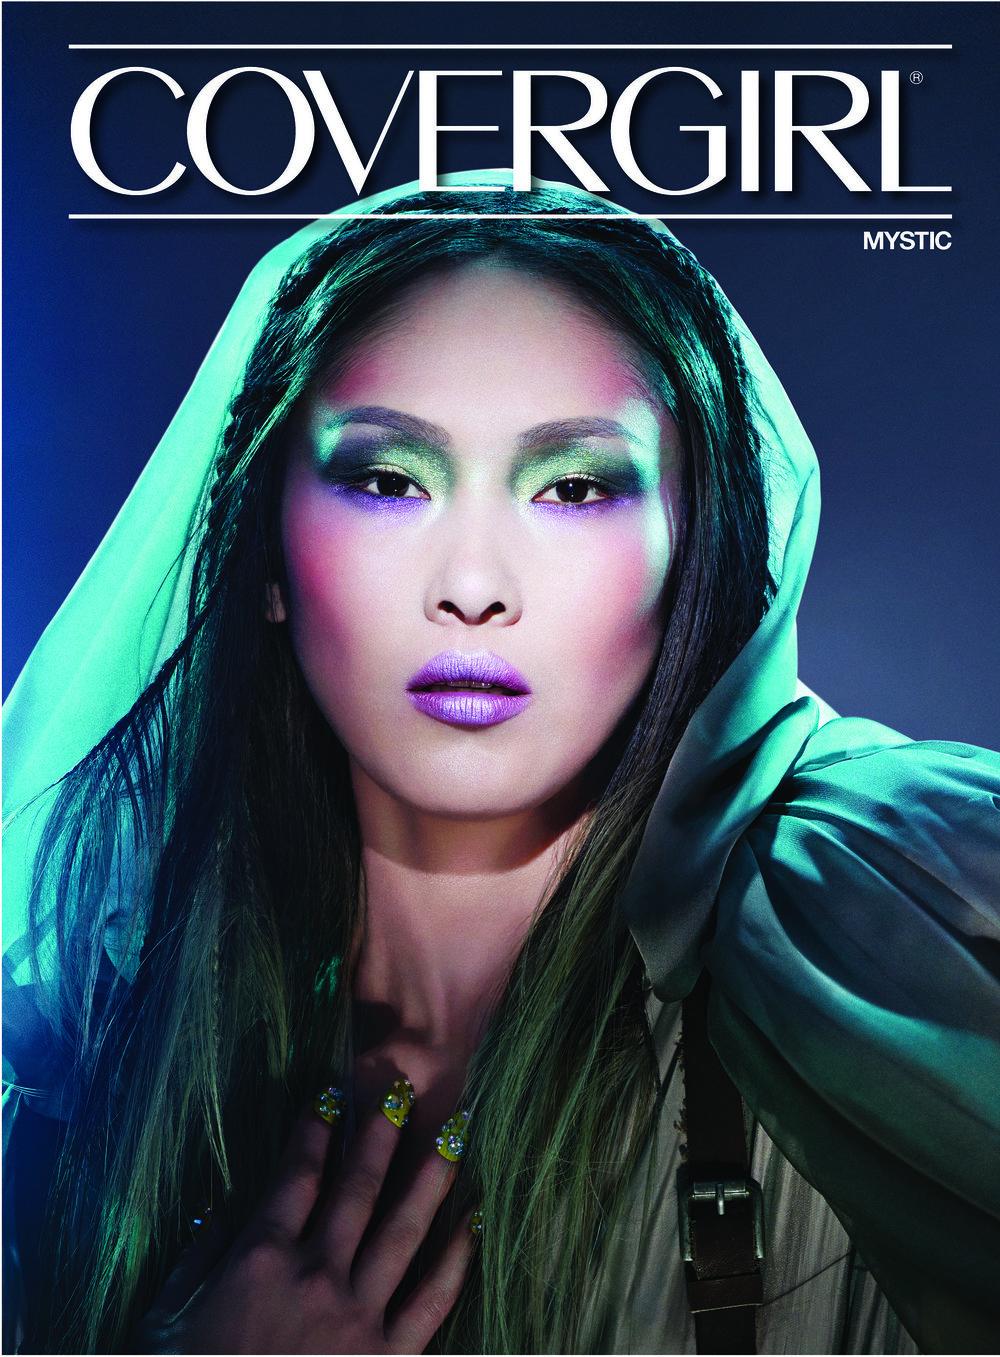 CoverGirl-Mystic-Look.jpg